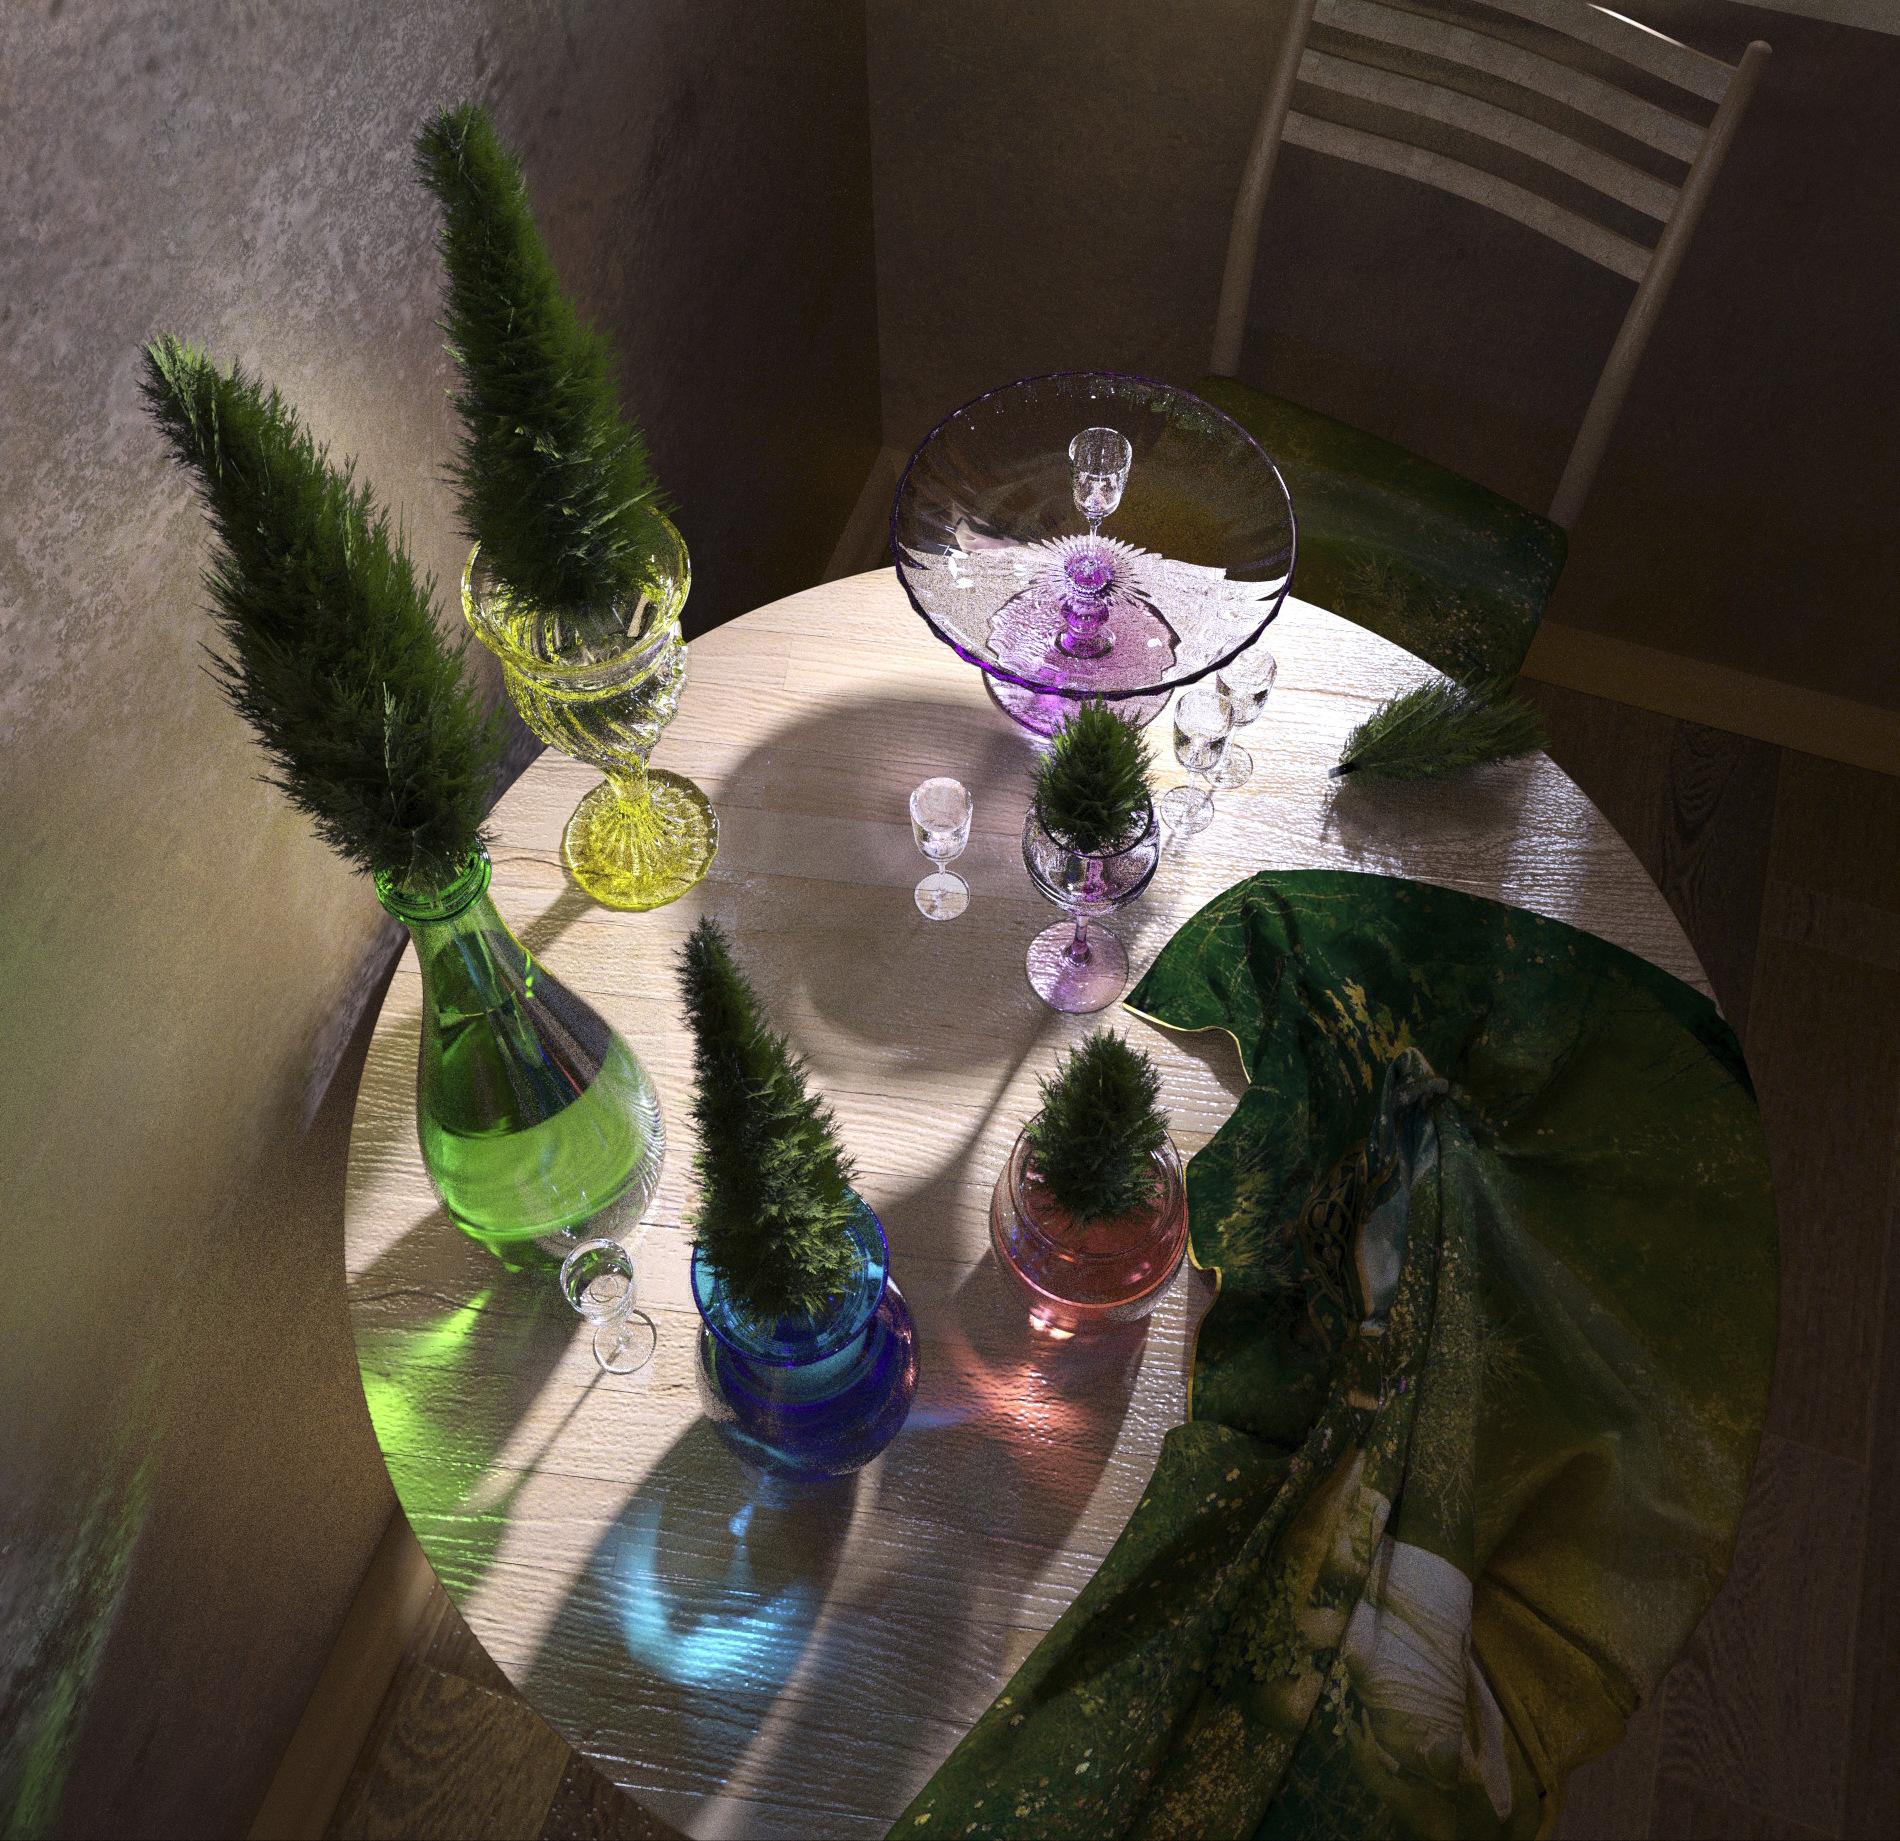 कांच और सरू के पेड़। 3d max corona render में प्रस्तुत छवि